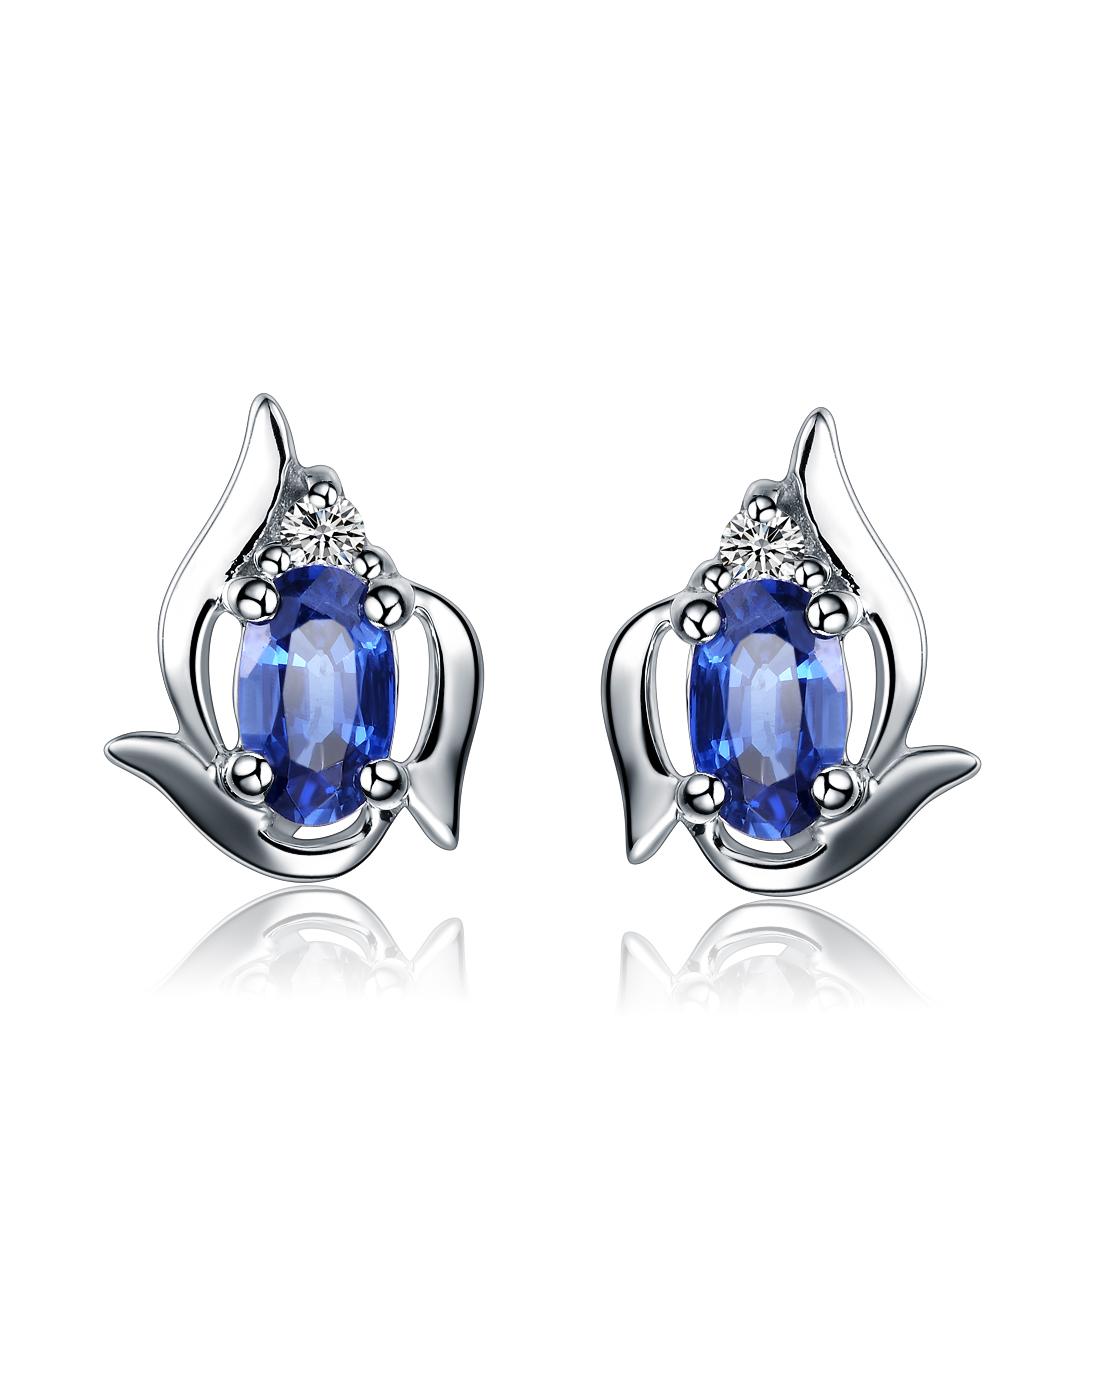 佐卡伊蓝宝石钻石耳钉款式